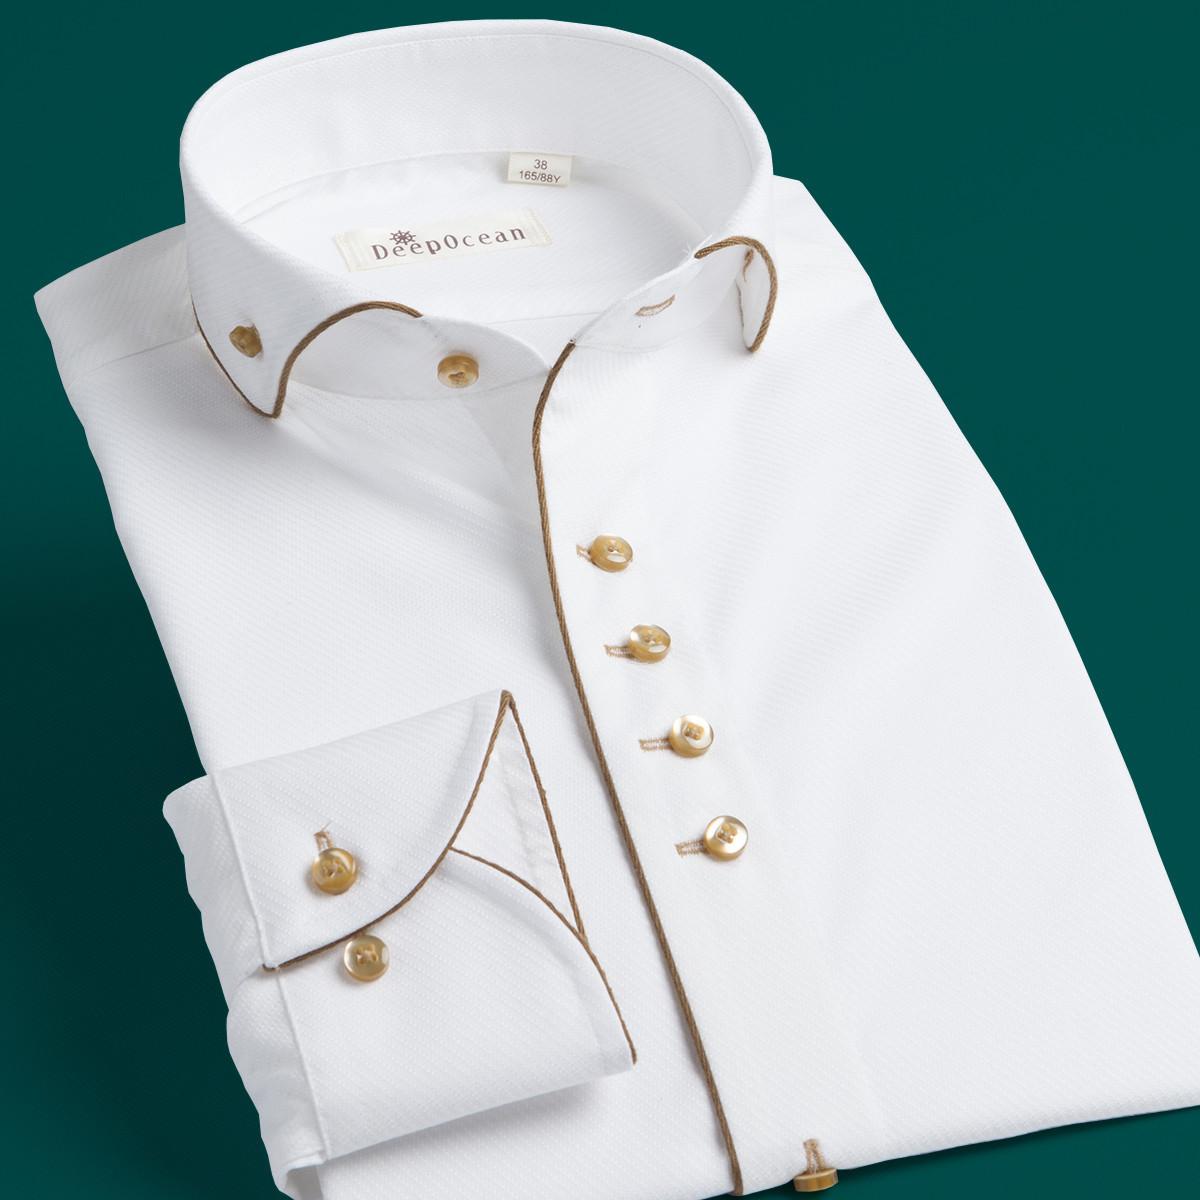 男士长袖衬衫 深海温莎领白衬衫男士长袖商务绅士修身英伦宫廷礼服衬衣小圆立领_推荐淘宝好看的男长袖衬衫